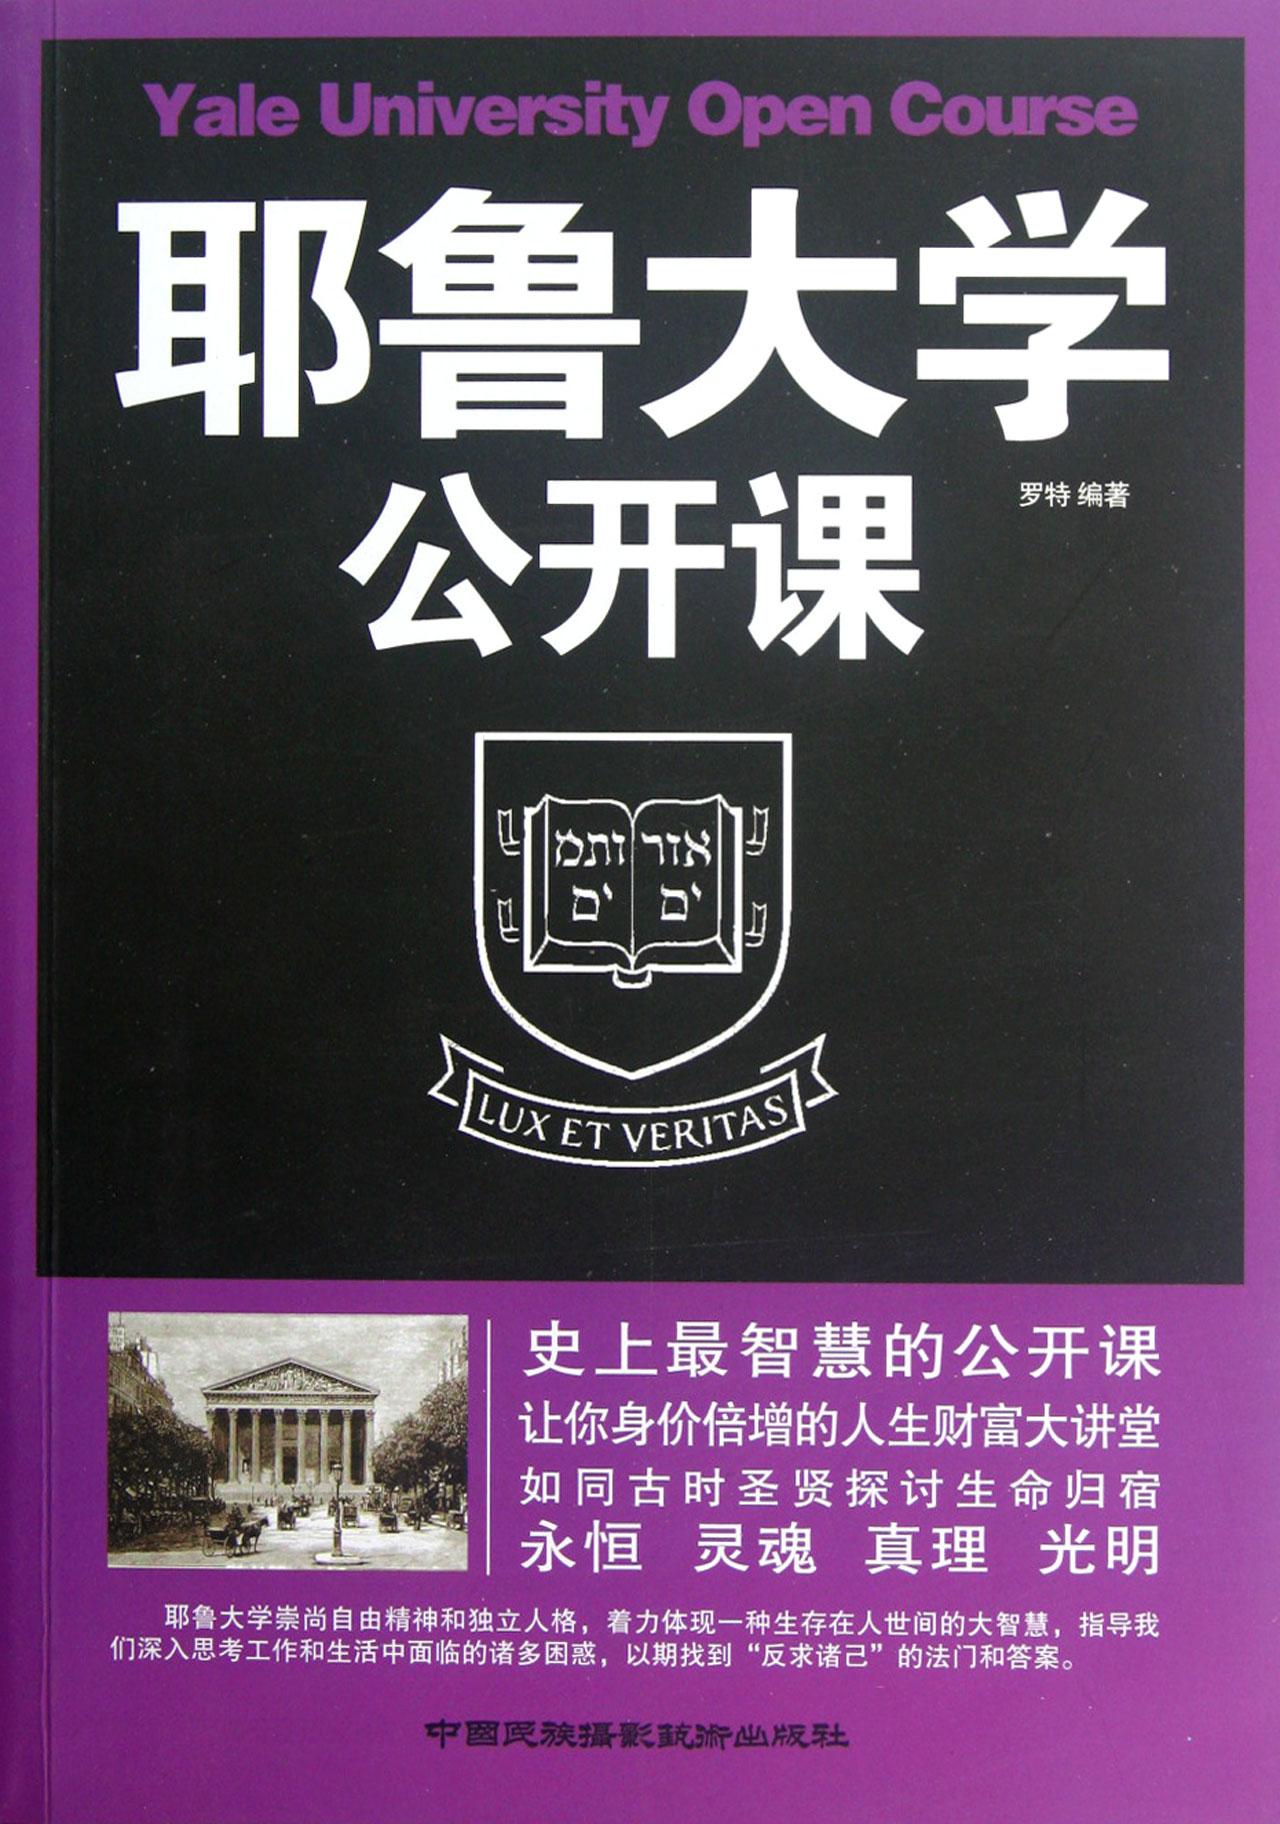 求耶鲁大学公开课 心理学导论下载地址,要中英字幕的,直接可以下图片